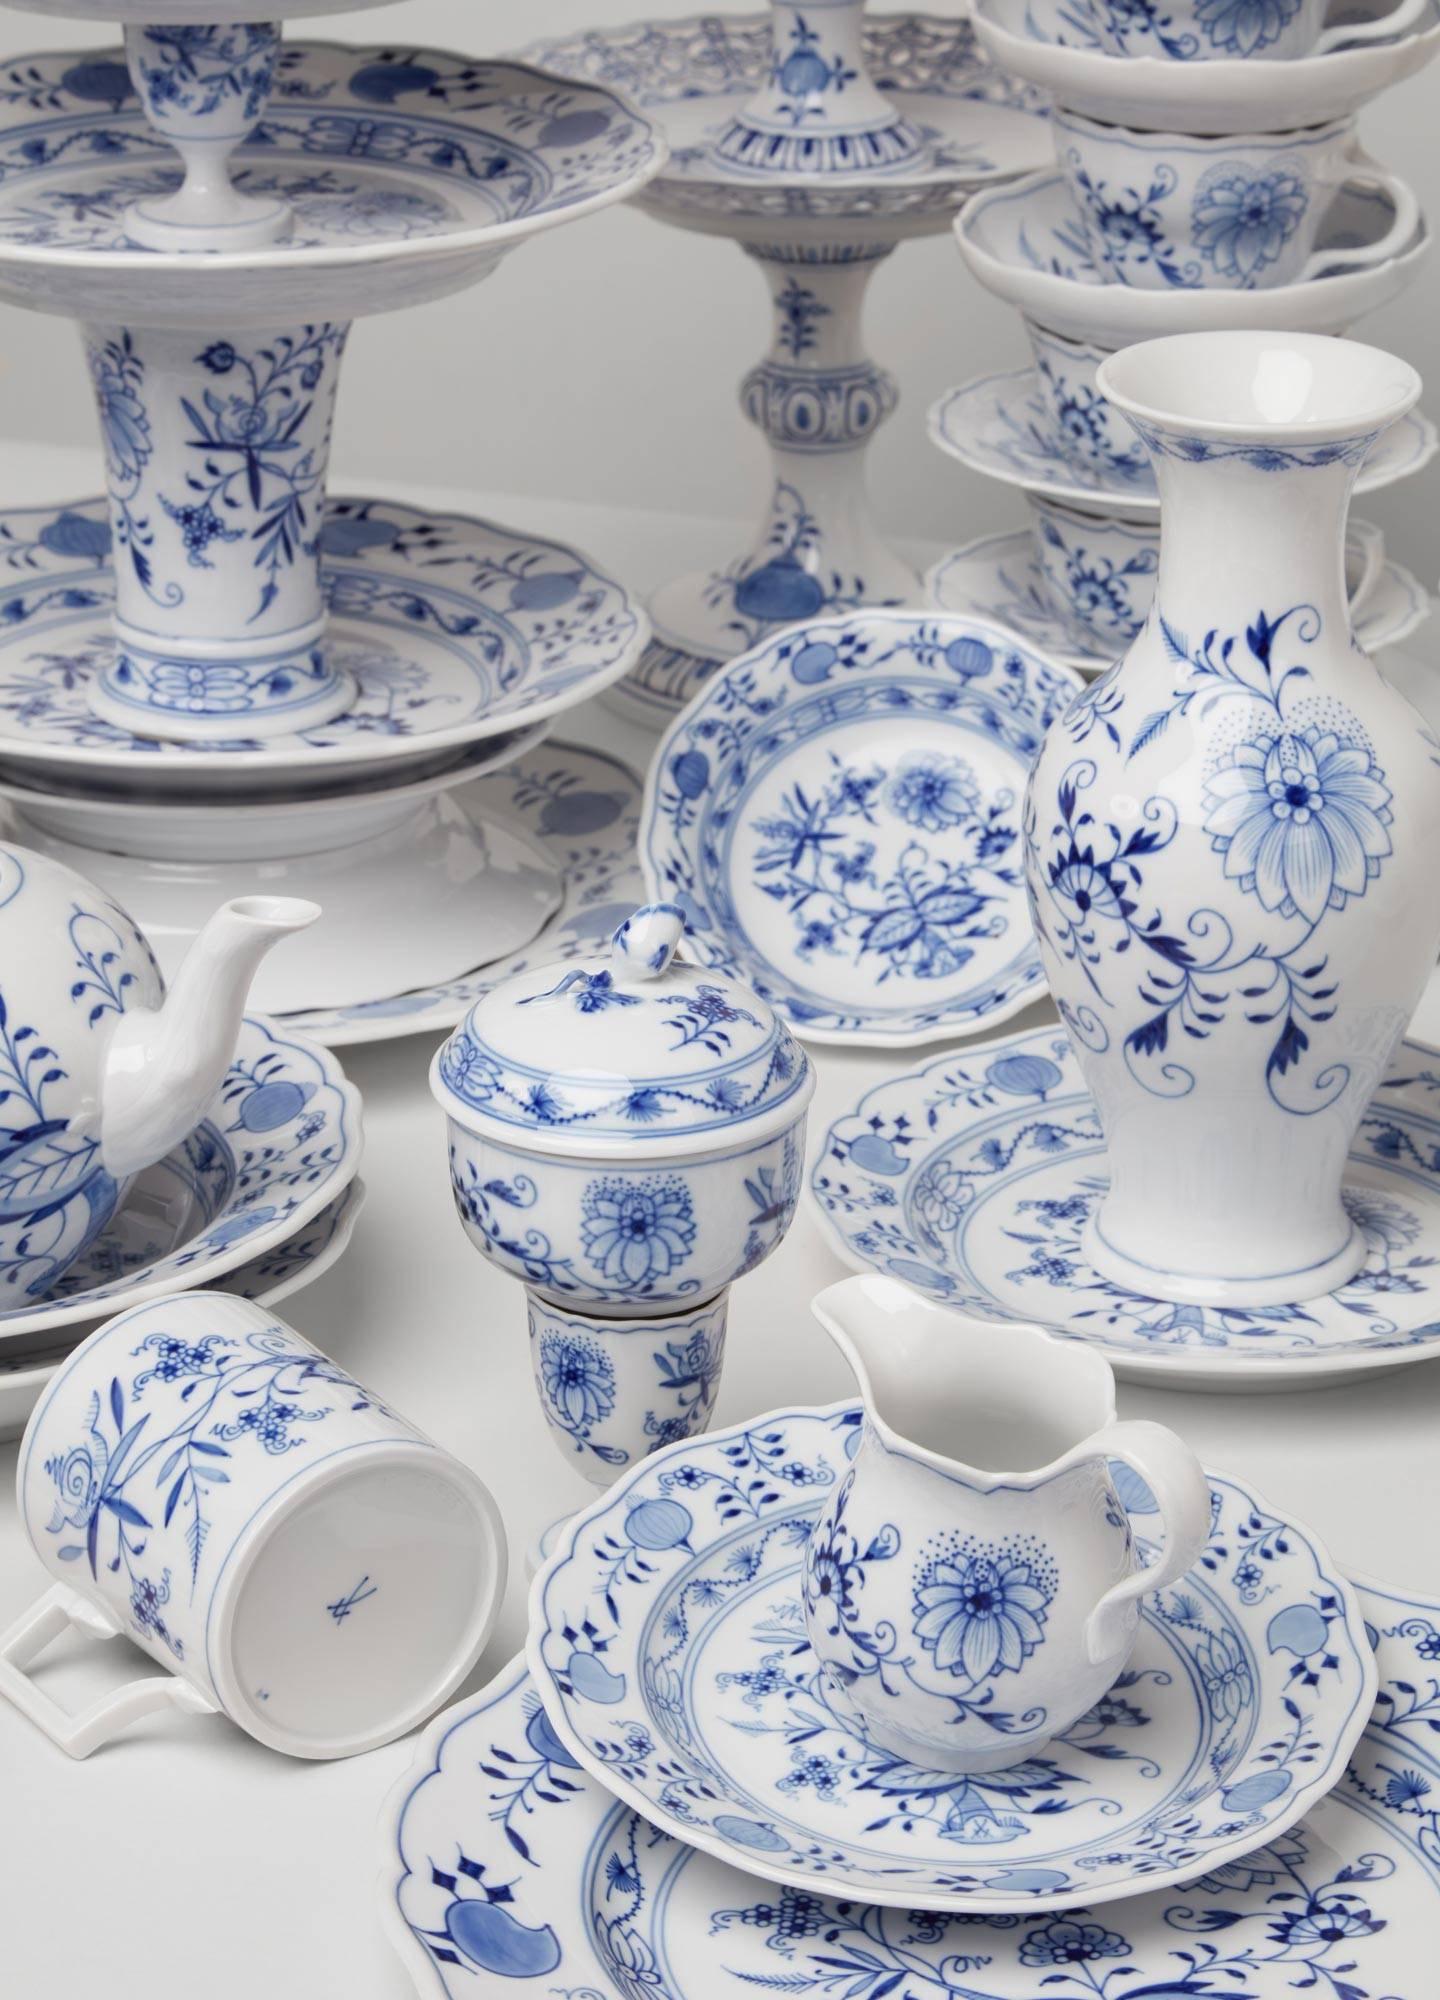 Meissen Tafelgeschirr Meissen Porzellan Manufaktur